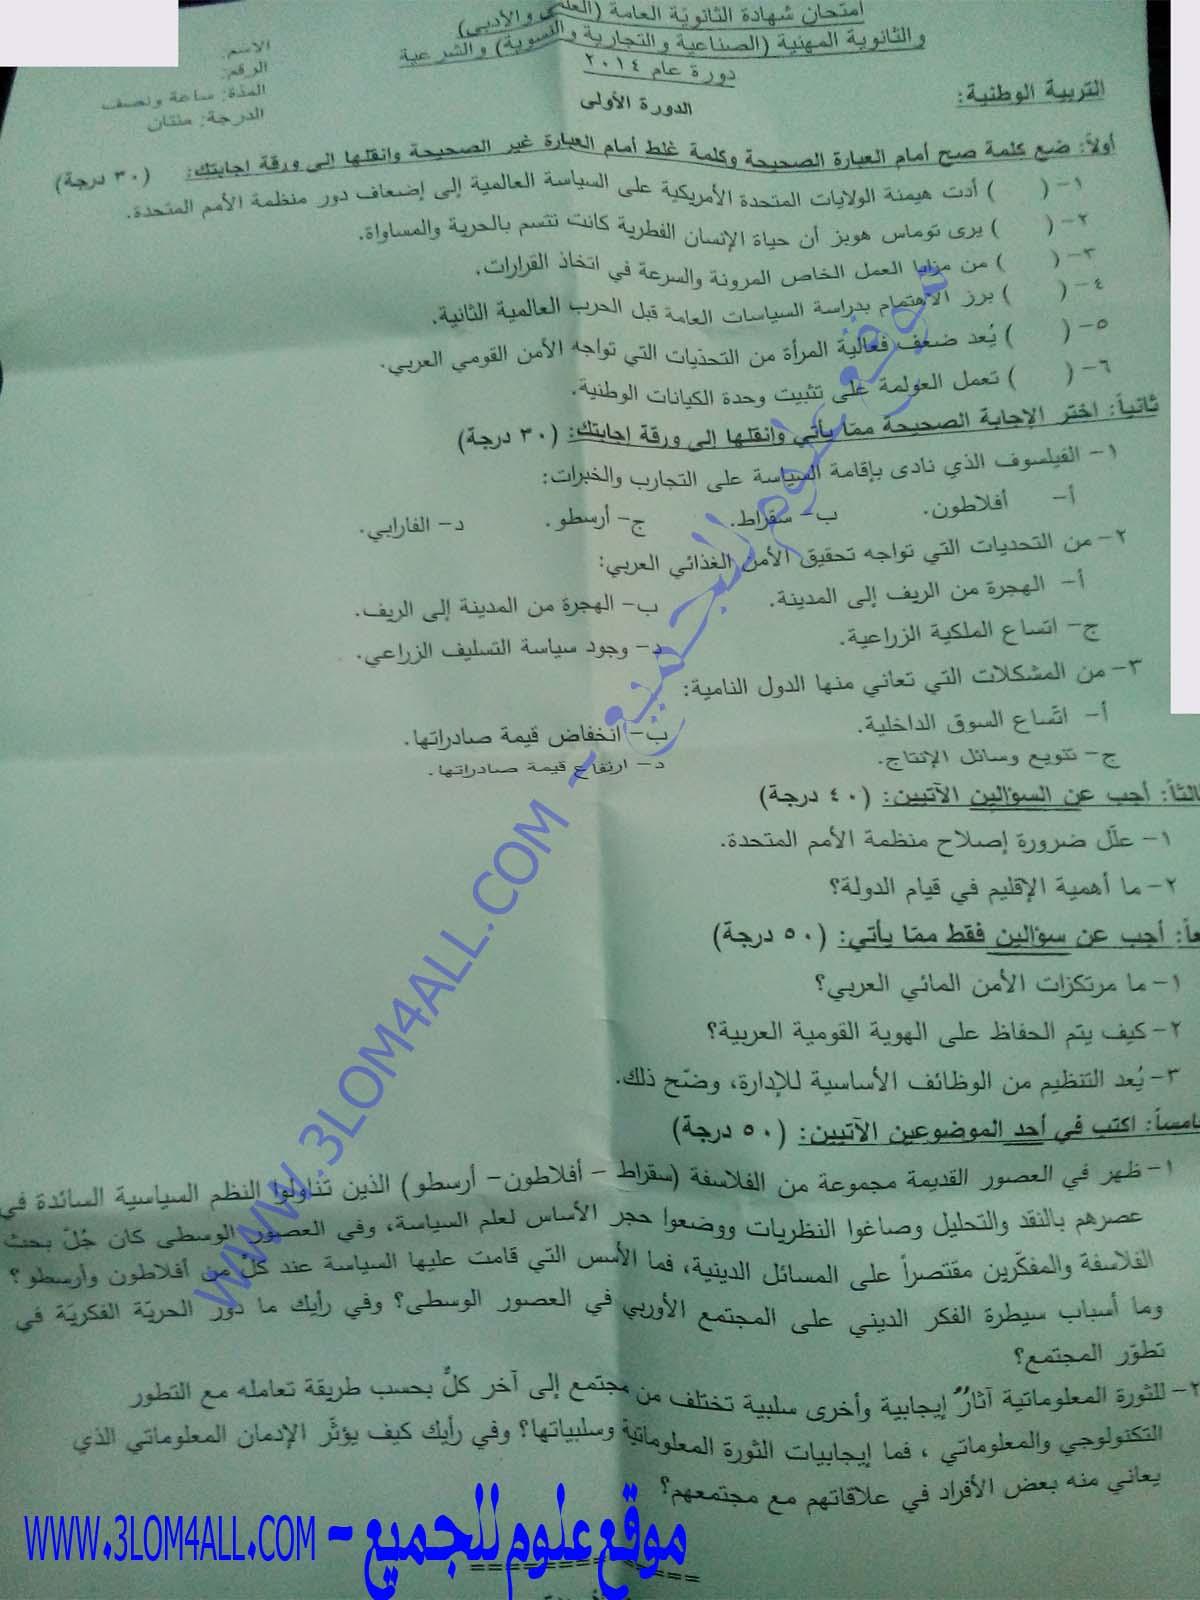 وزارة التربية قي سوريا : ورقة امتحان التربية الوطنية شهادة الدراسة الثانوية العامة دورة 2014 الأدبي و العلمي